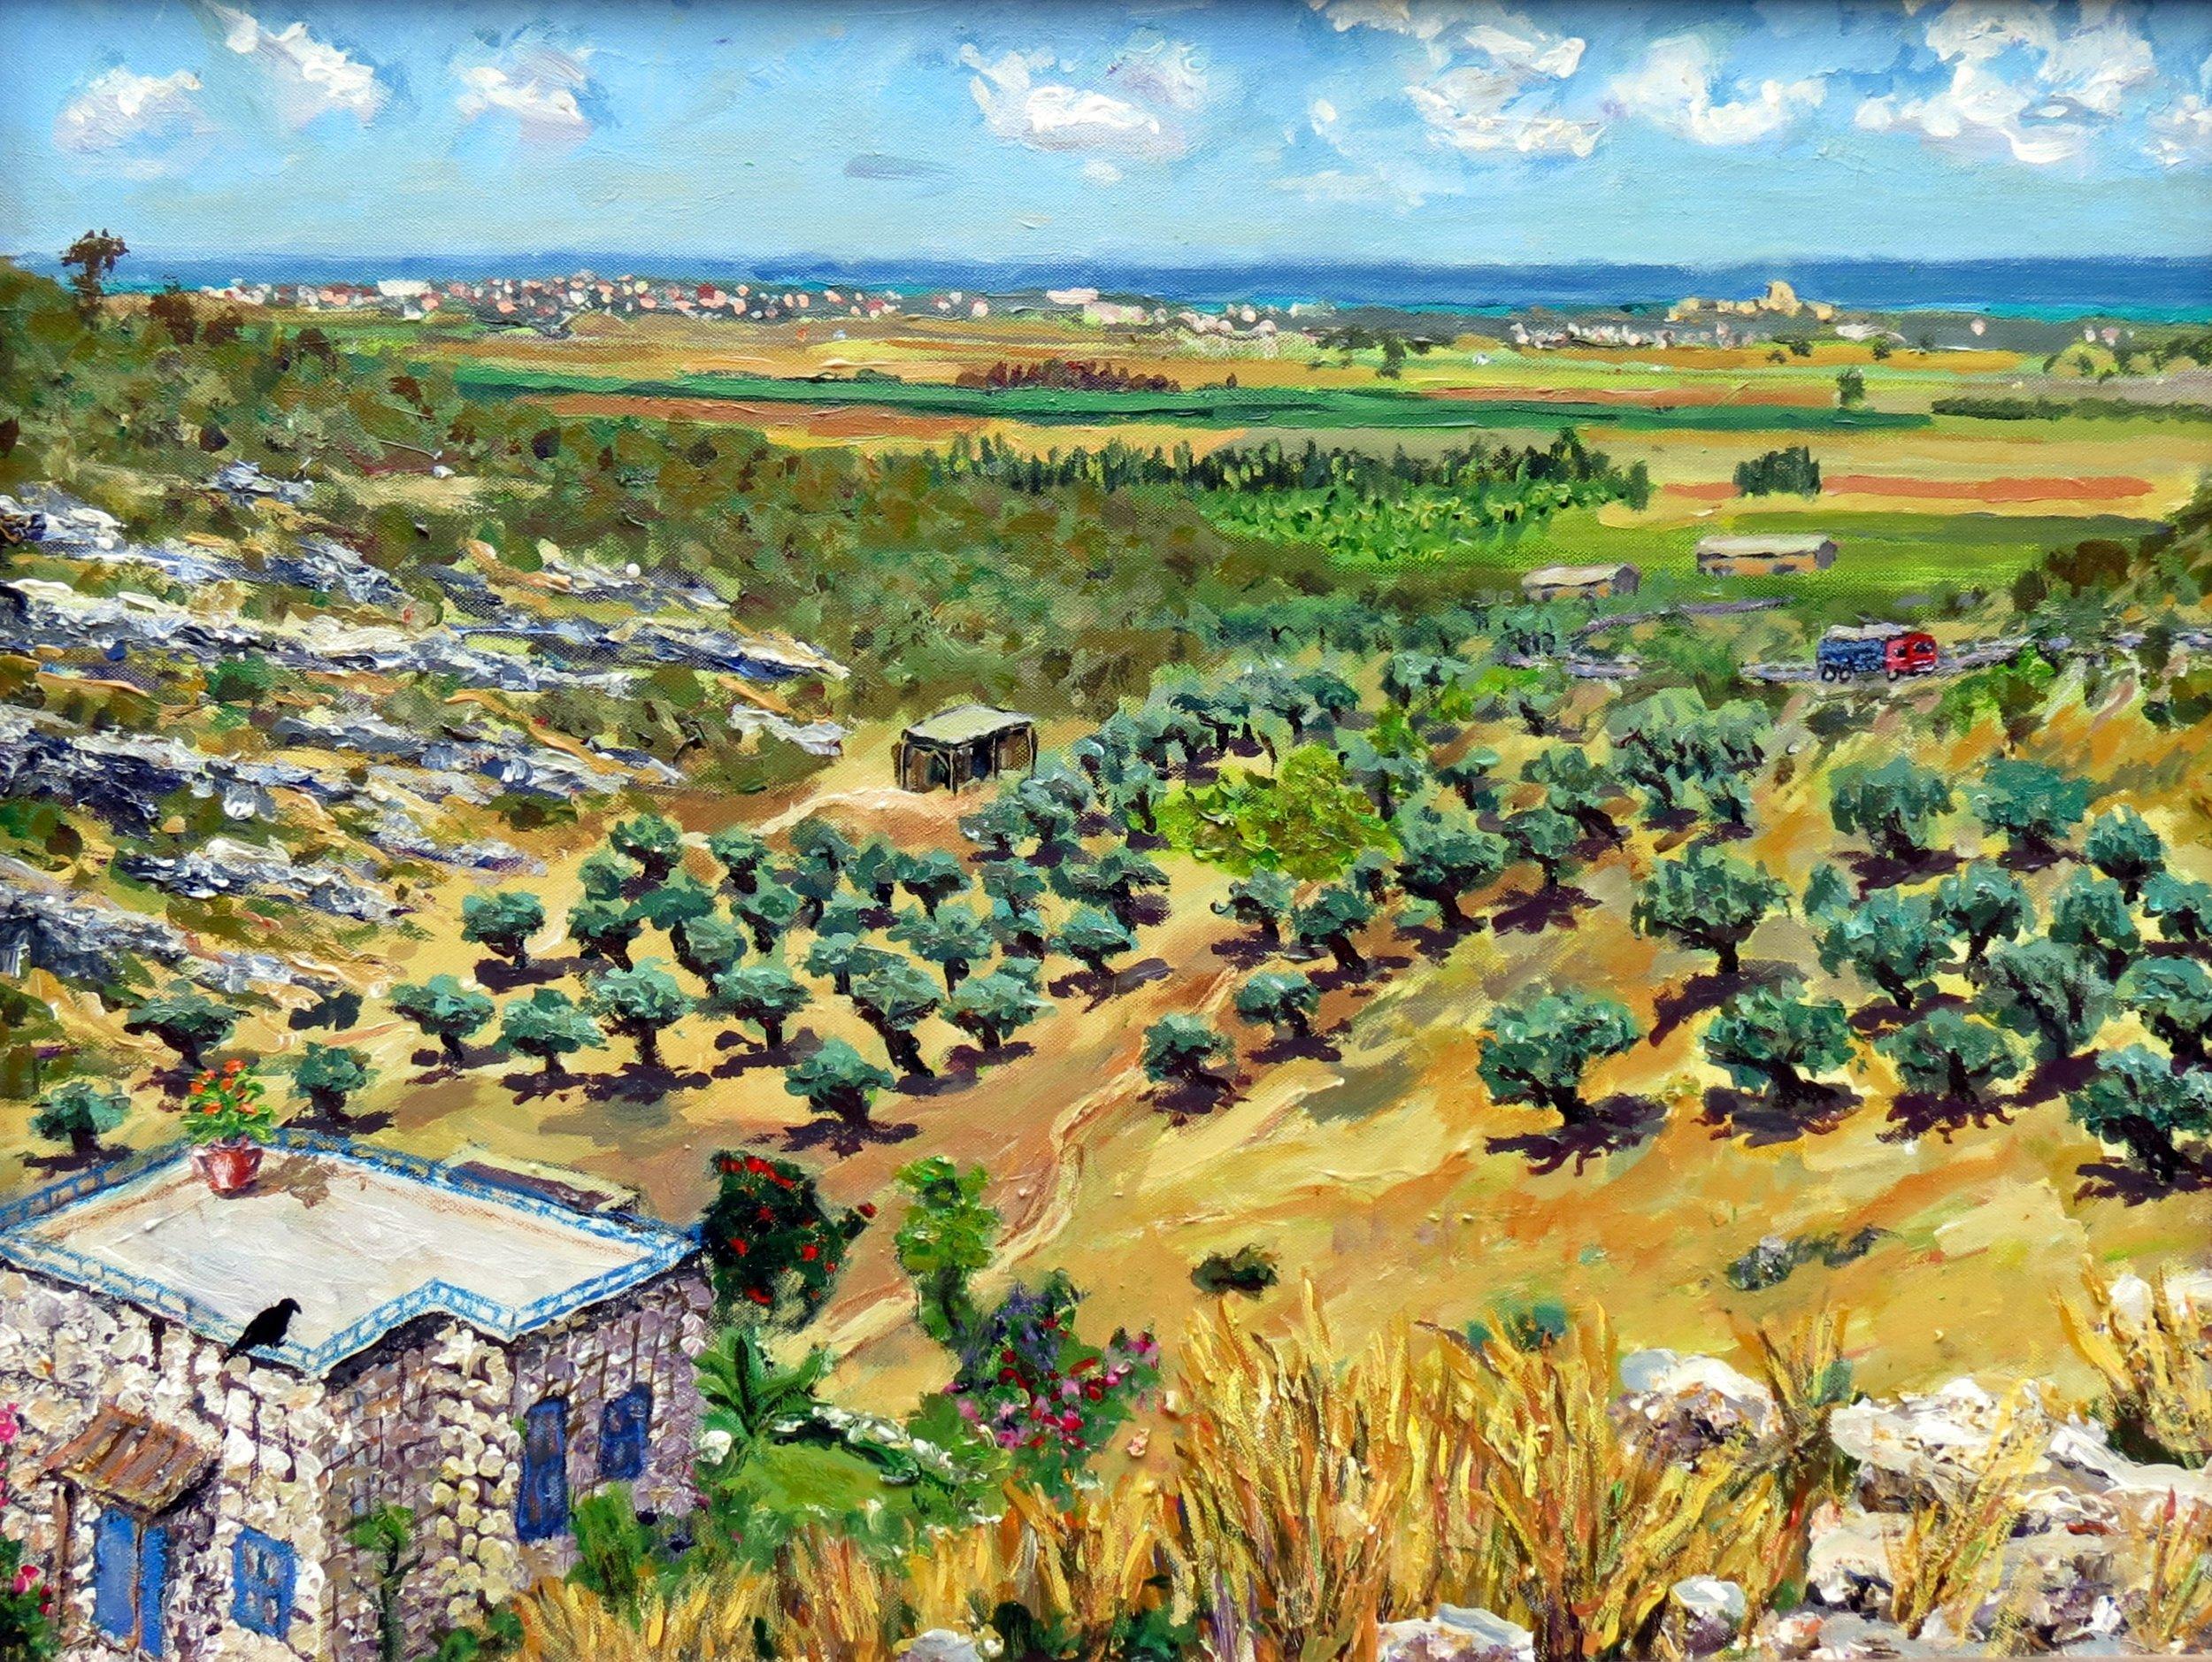 View from Ein Hod